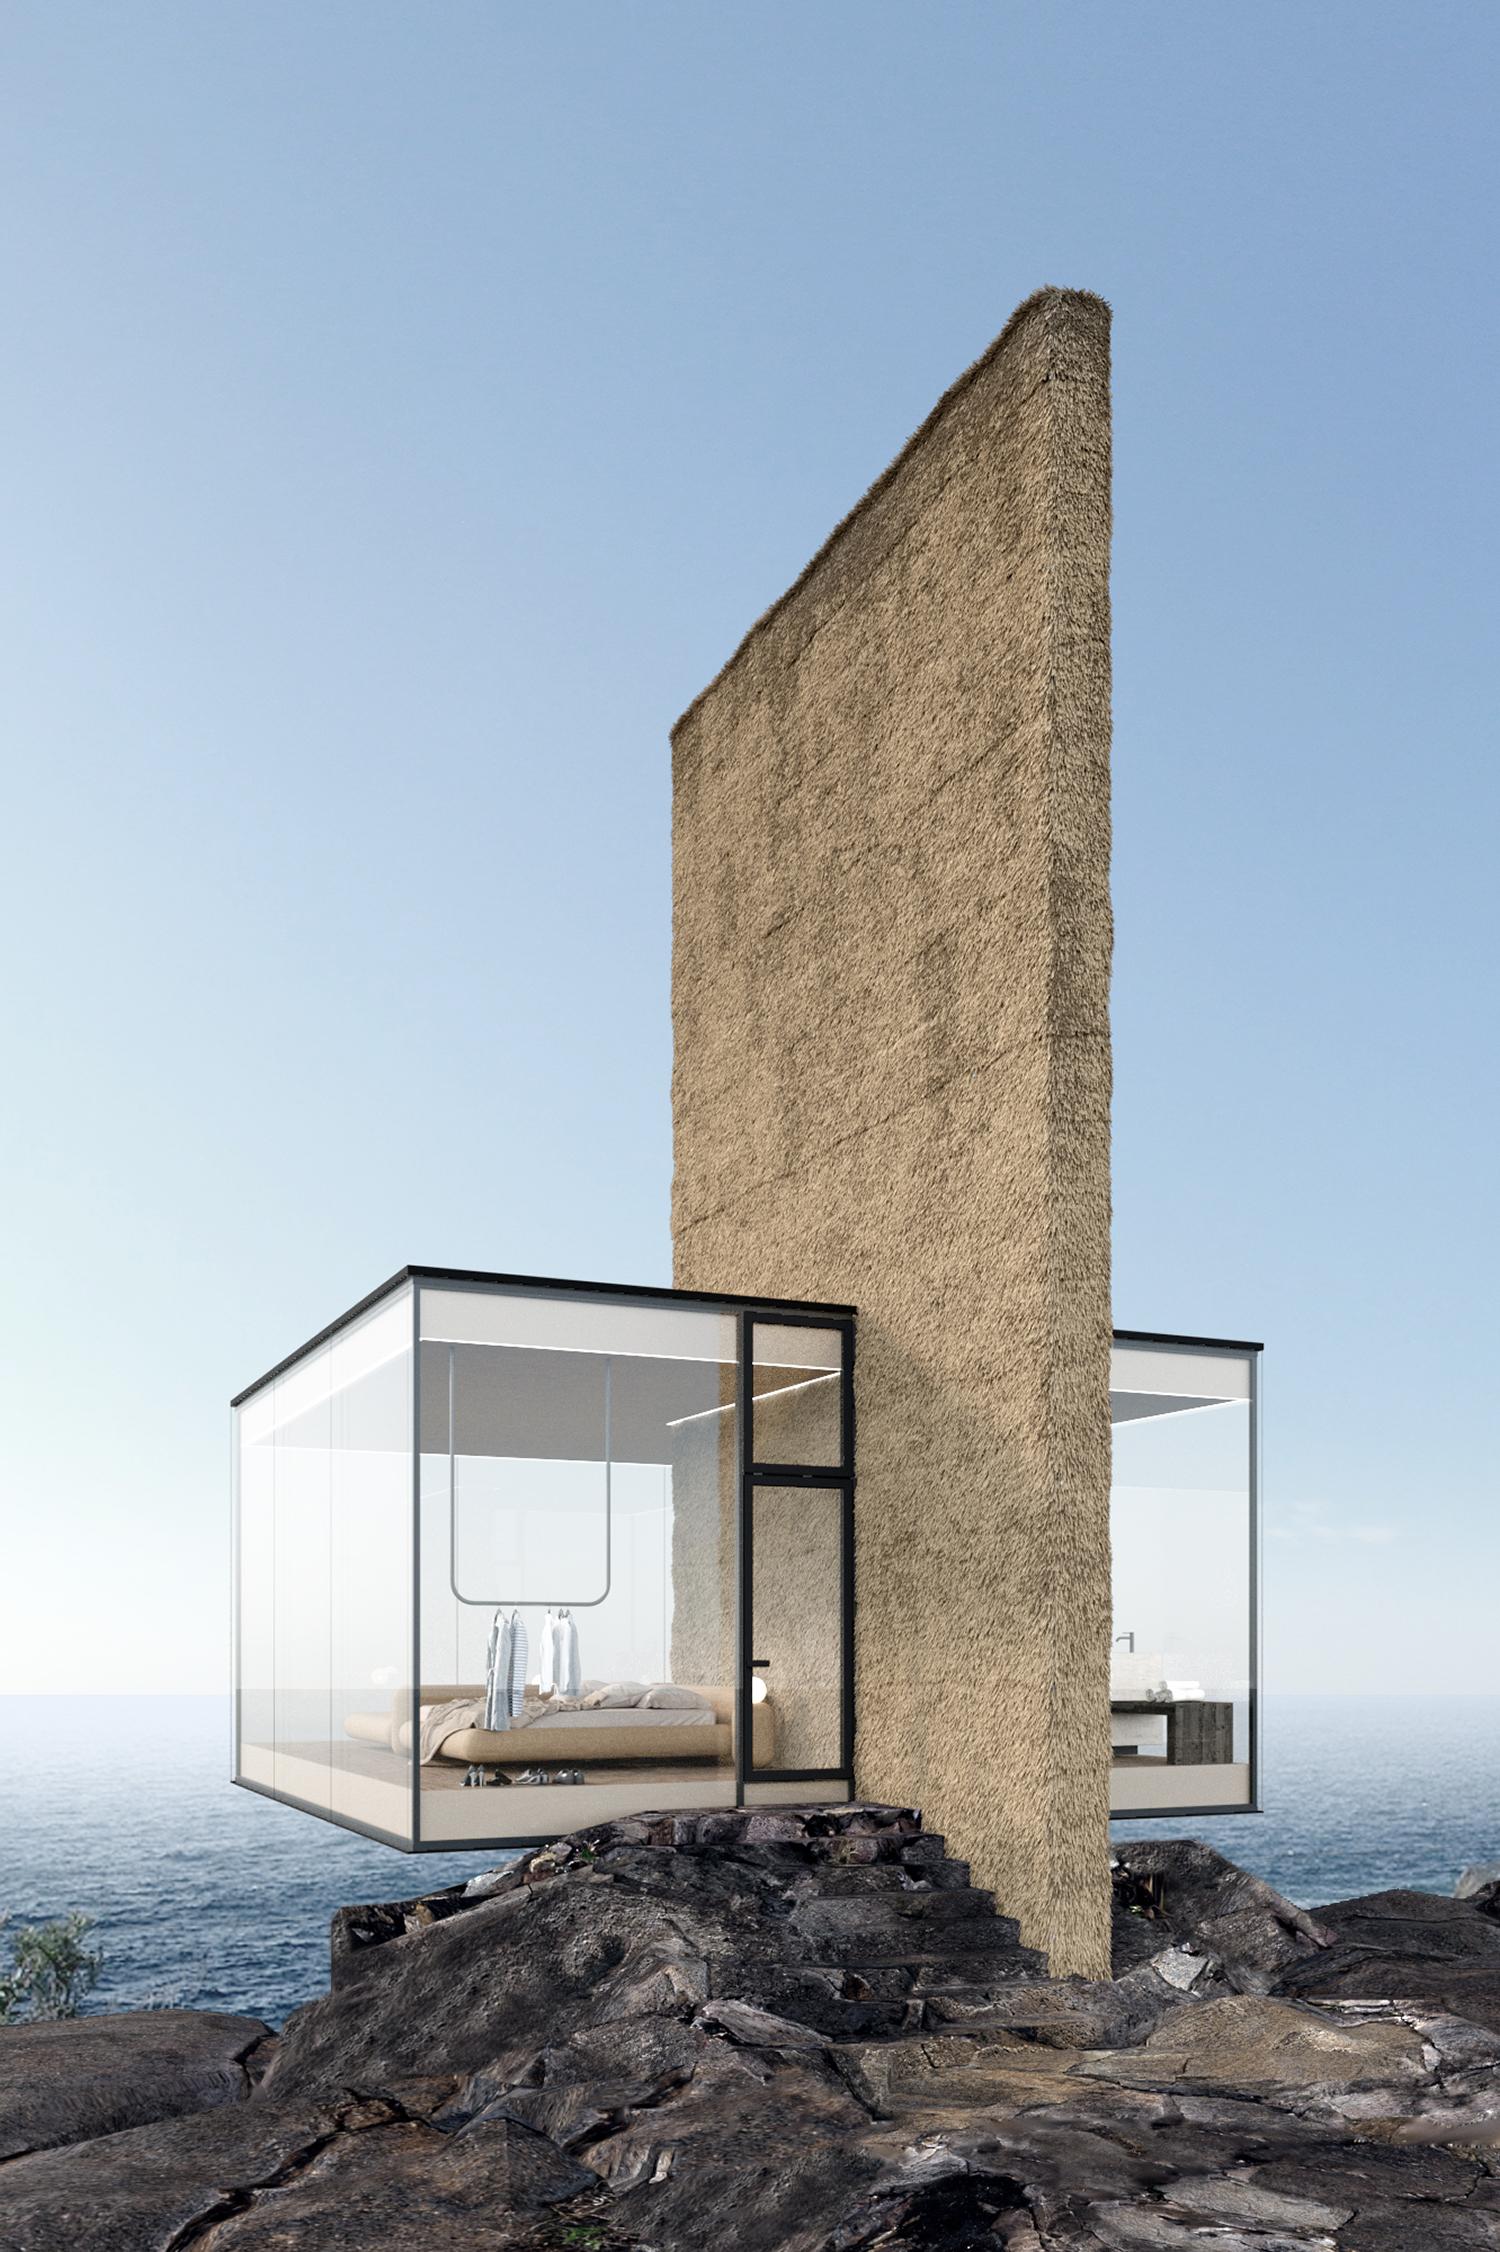 בית נופש מינימליסטי מזכוכית, מרחף בקצה צוק מול הים